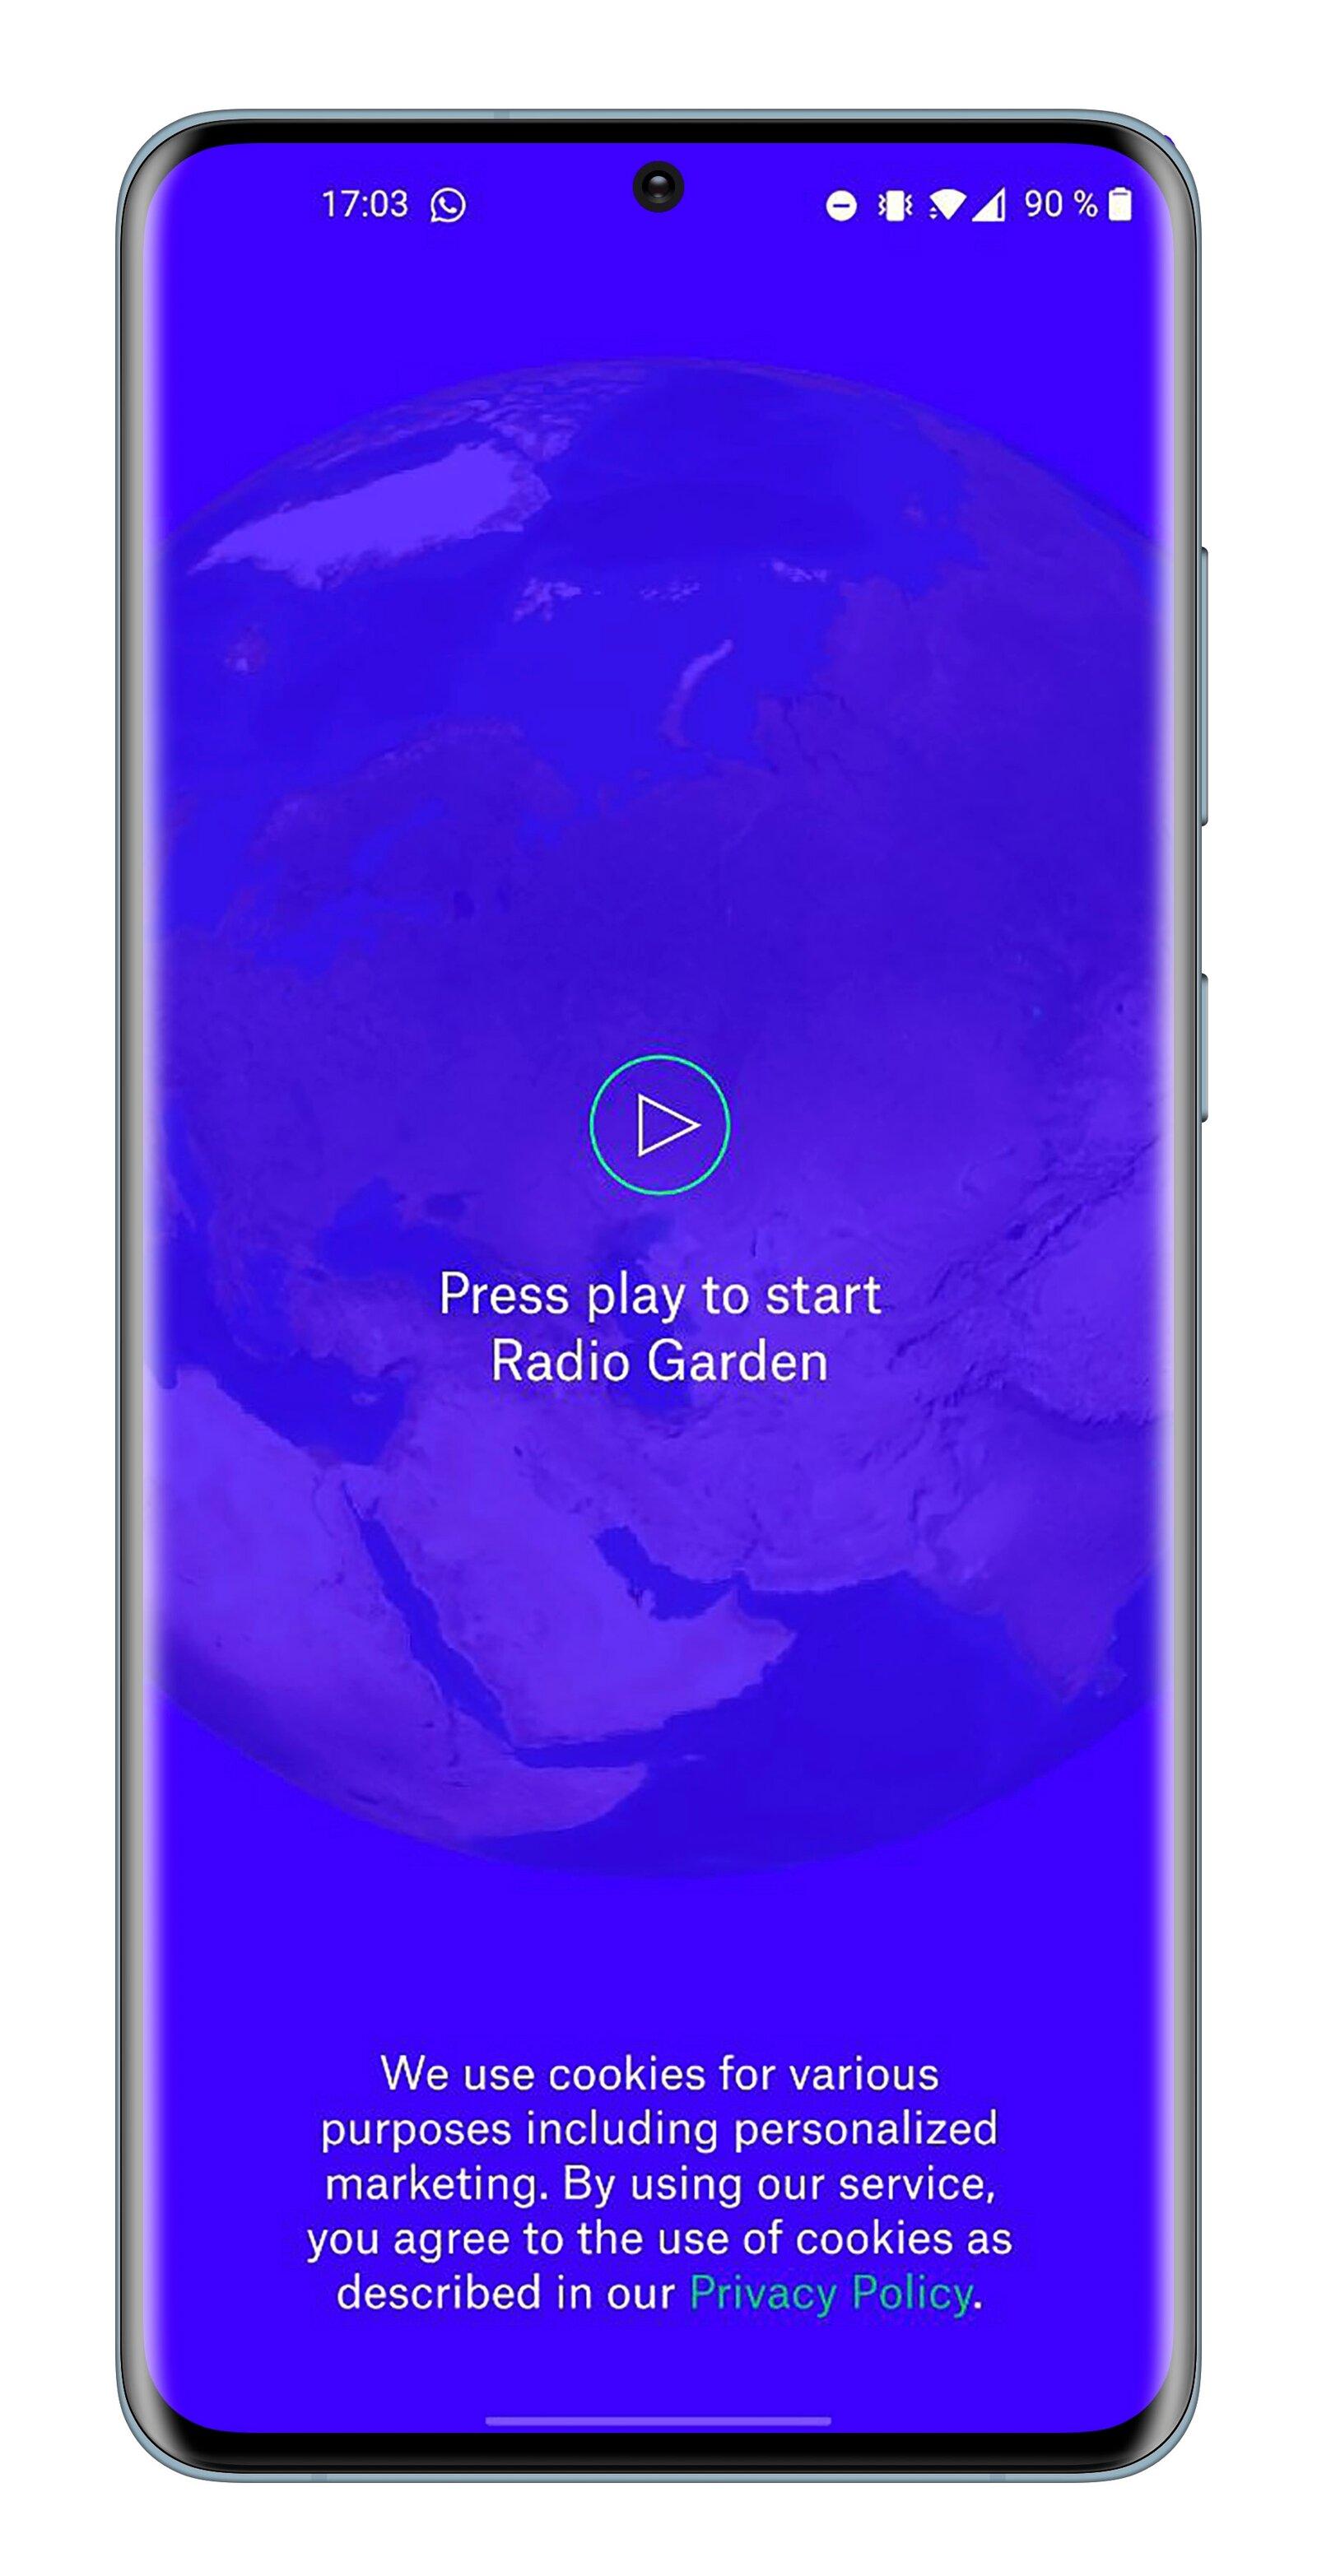 Oubliez Spotify: cette application gratuite est la meilleure alternative pour écouter de la musique sans publicité